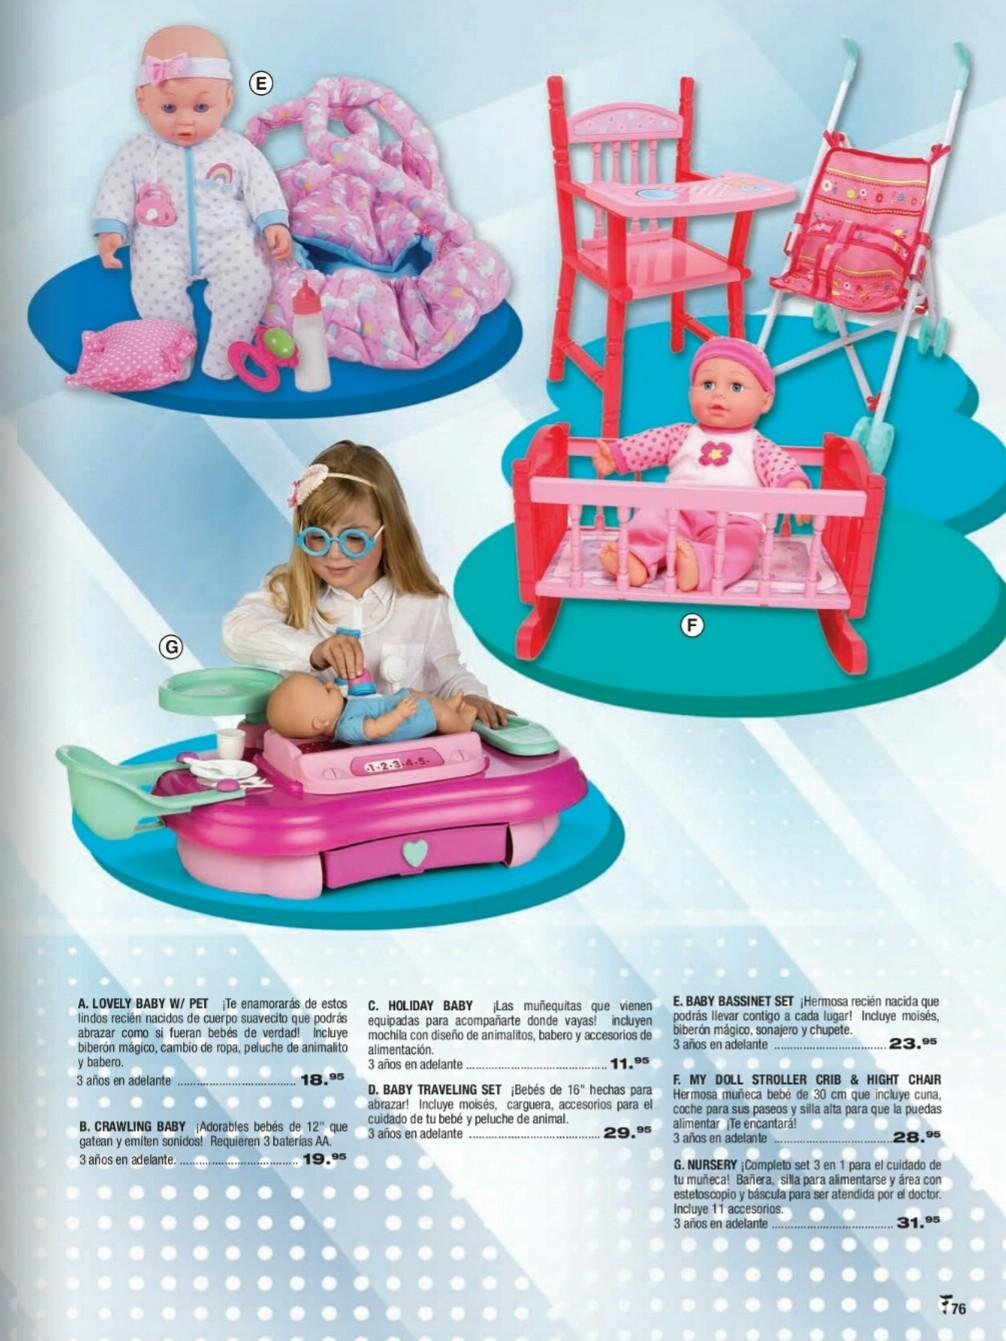 Catalogo juguetes Felix B Maduro 2018 p76